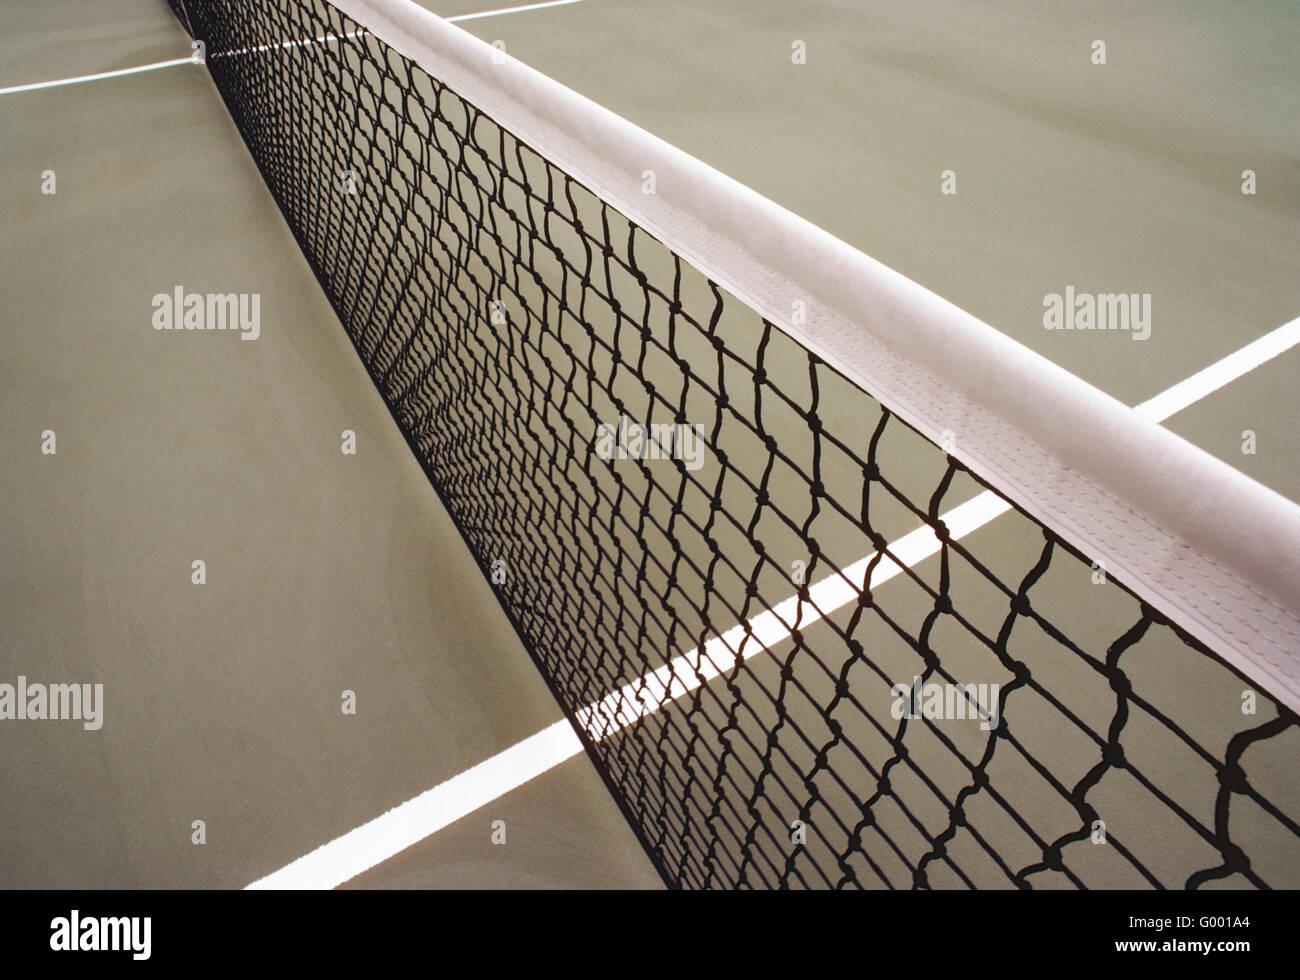 Cerca de pista de tenis & net Imagen De Stock